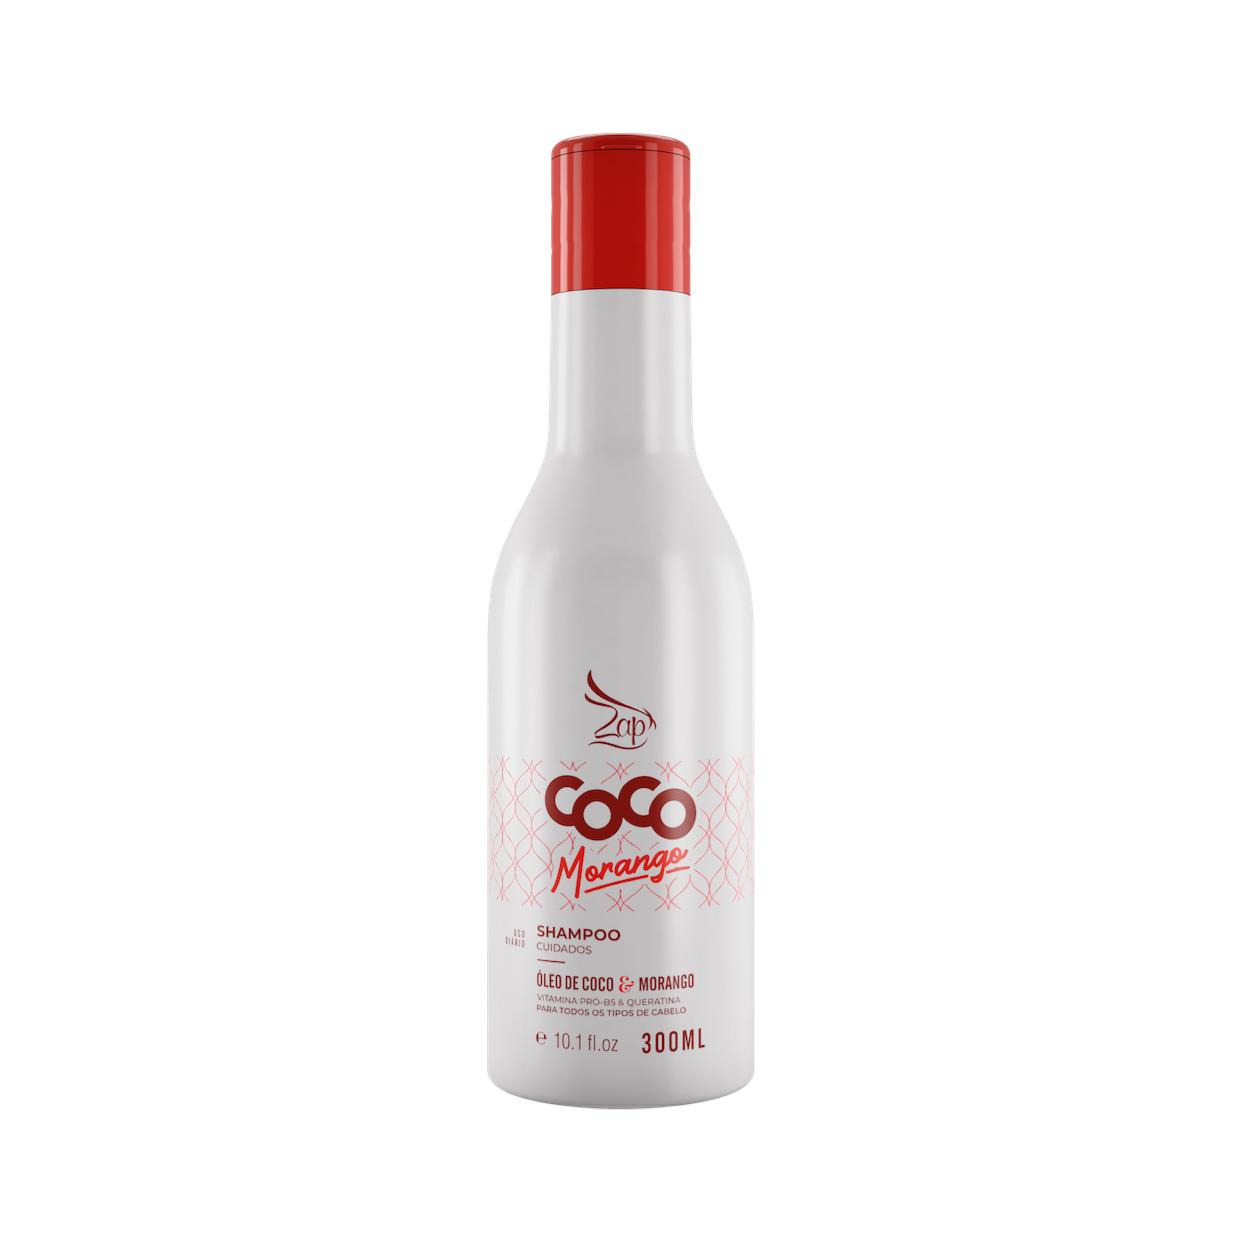 Zap Shampoo Coco Morango Manutenção 300ml Lançamento